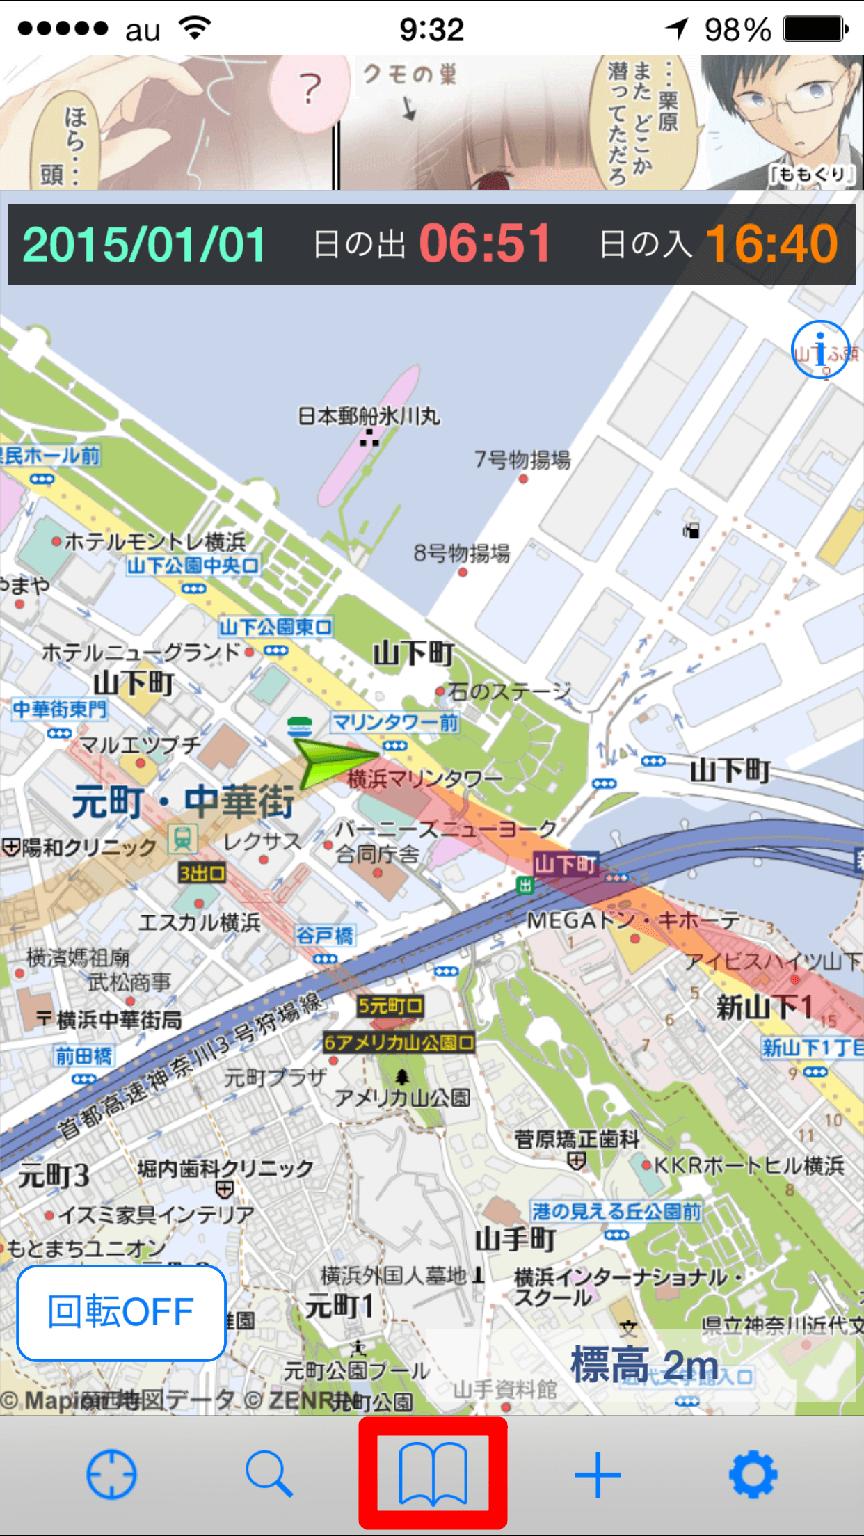 地図に戻った画面